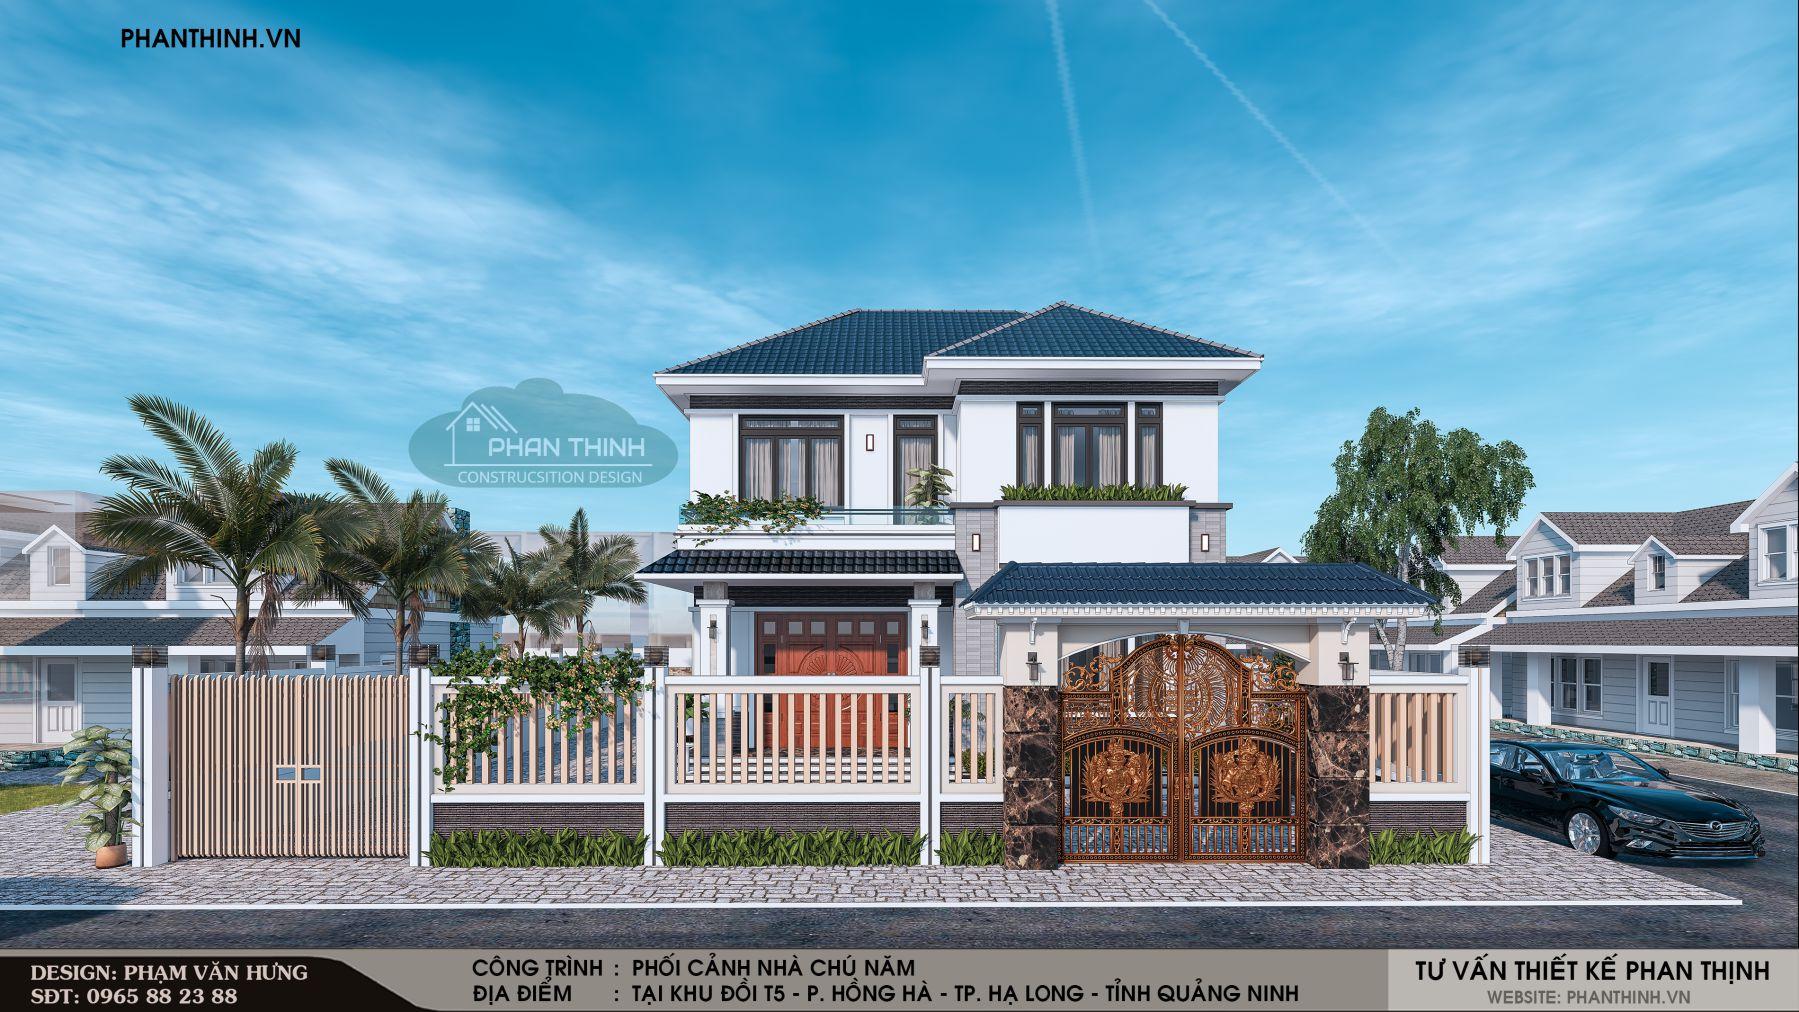 Phối cảnh ngôi biệt thự 2 tầng mái thái đẹp năm 2019